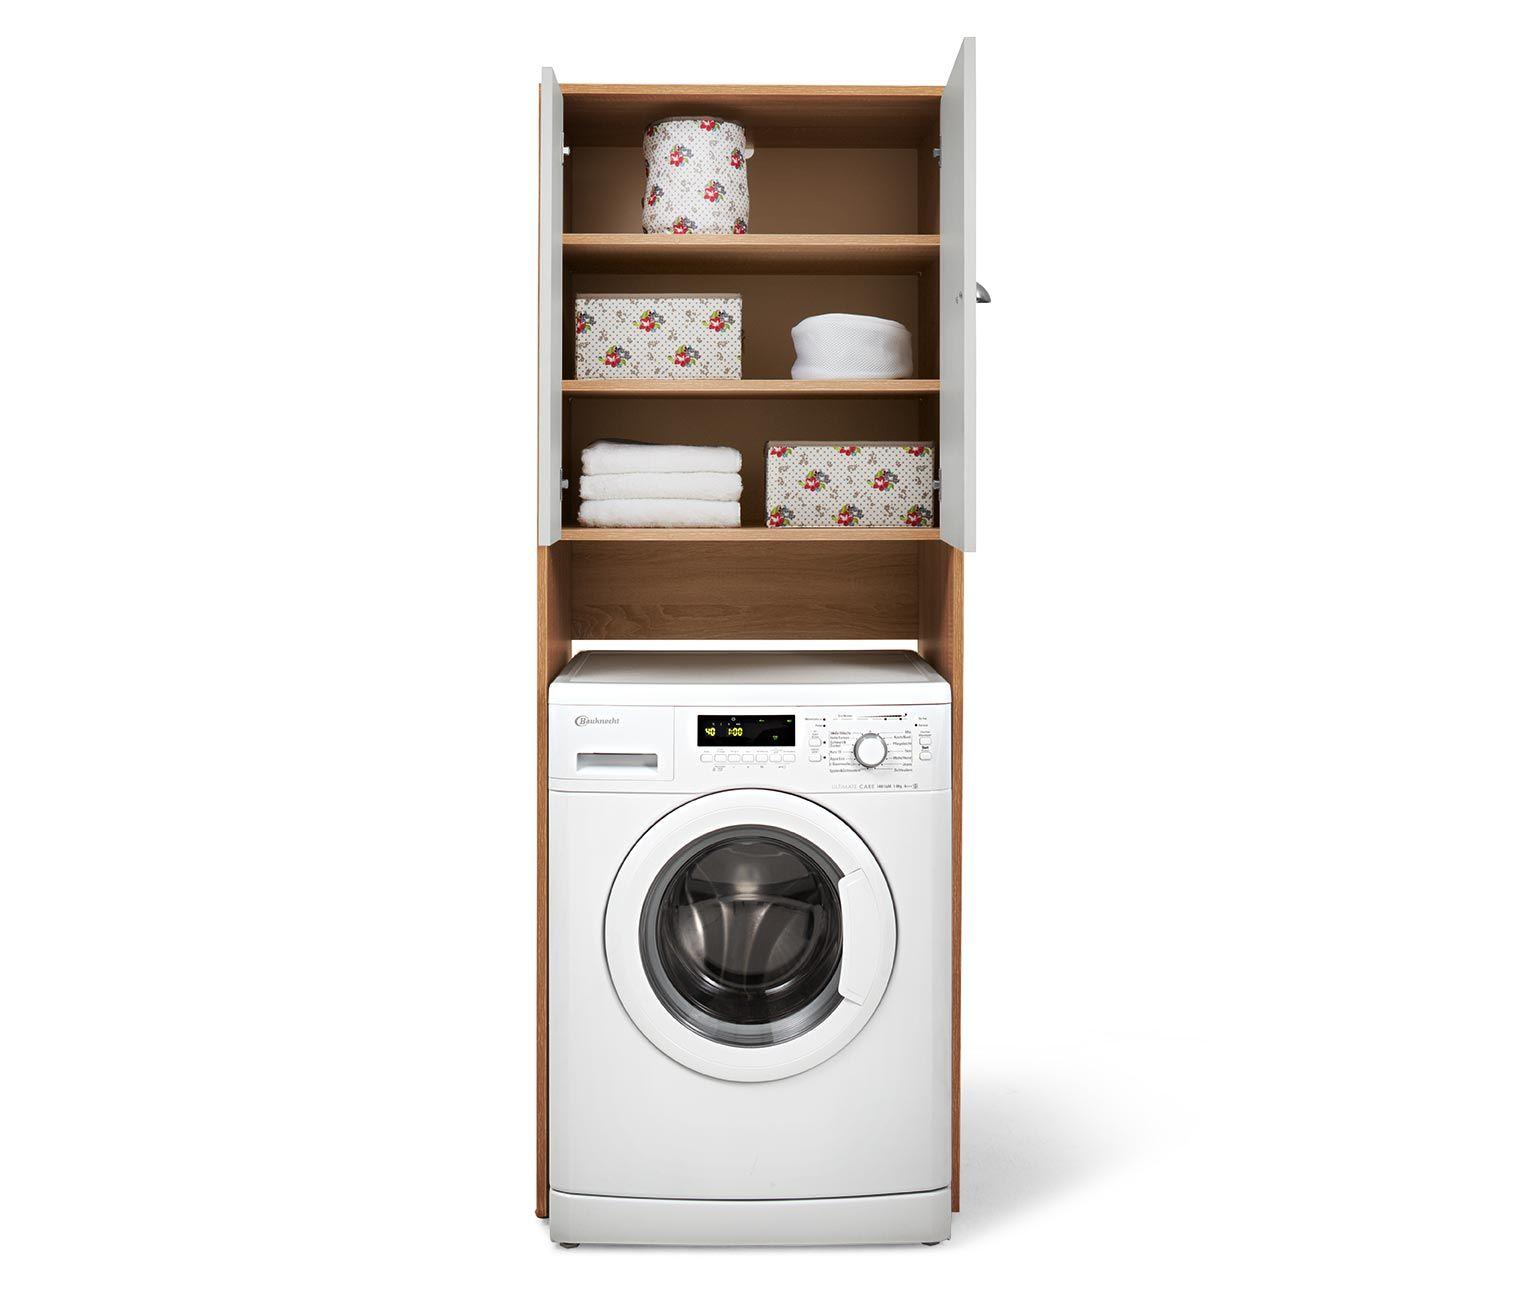 Waschmaschinenschrank Online Bestellen Bei Tchibo